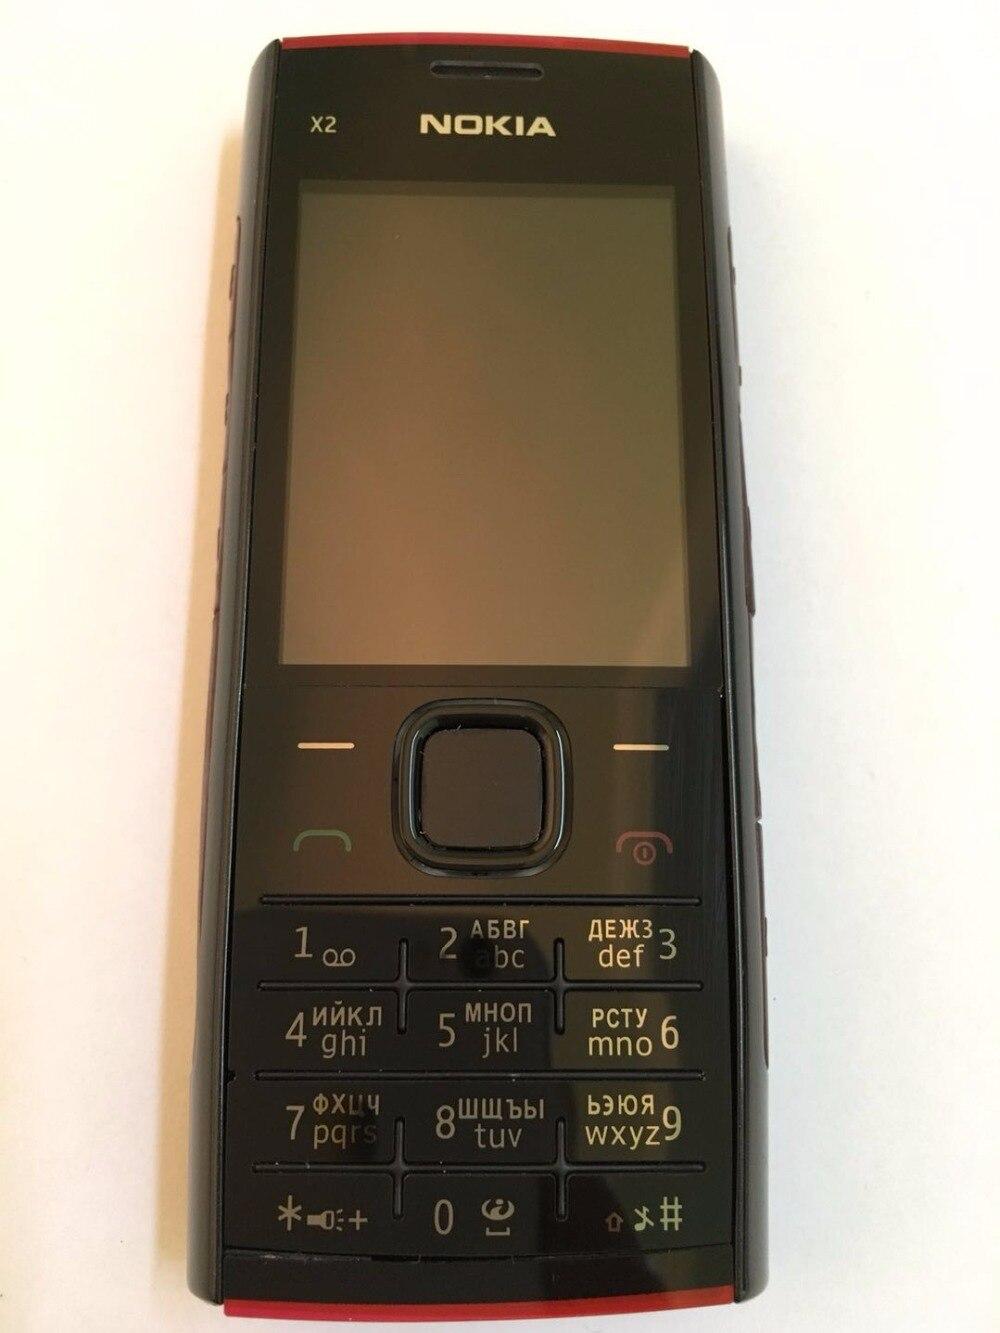 X2 Teléfono Nokia X2-00 original Bluetooth FM Java 5MP desbloqueado - Teléfonos móviles - foto 2